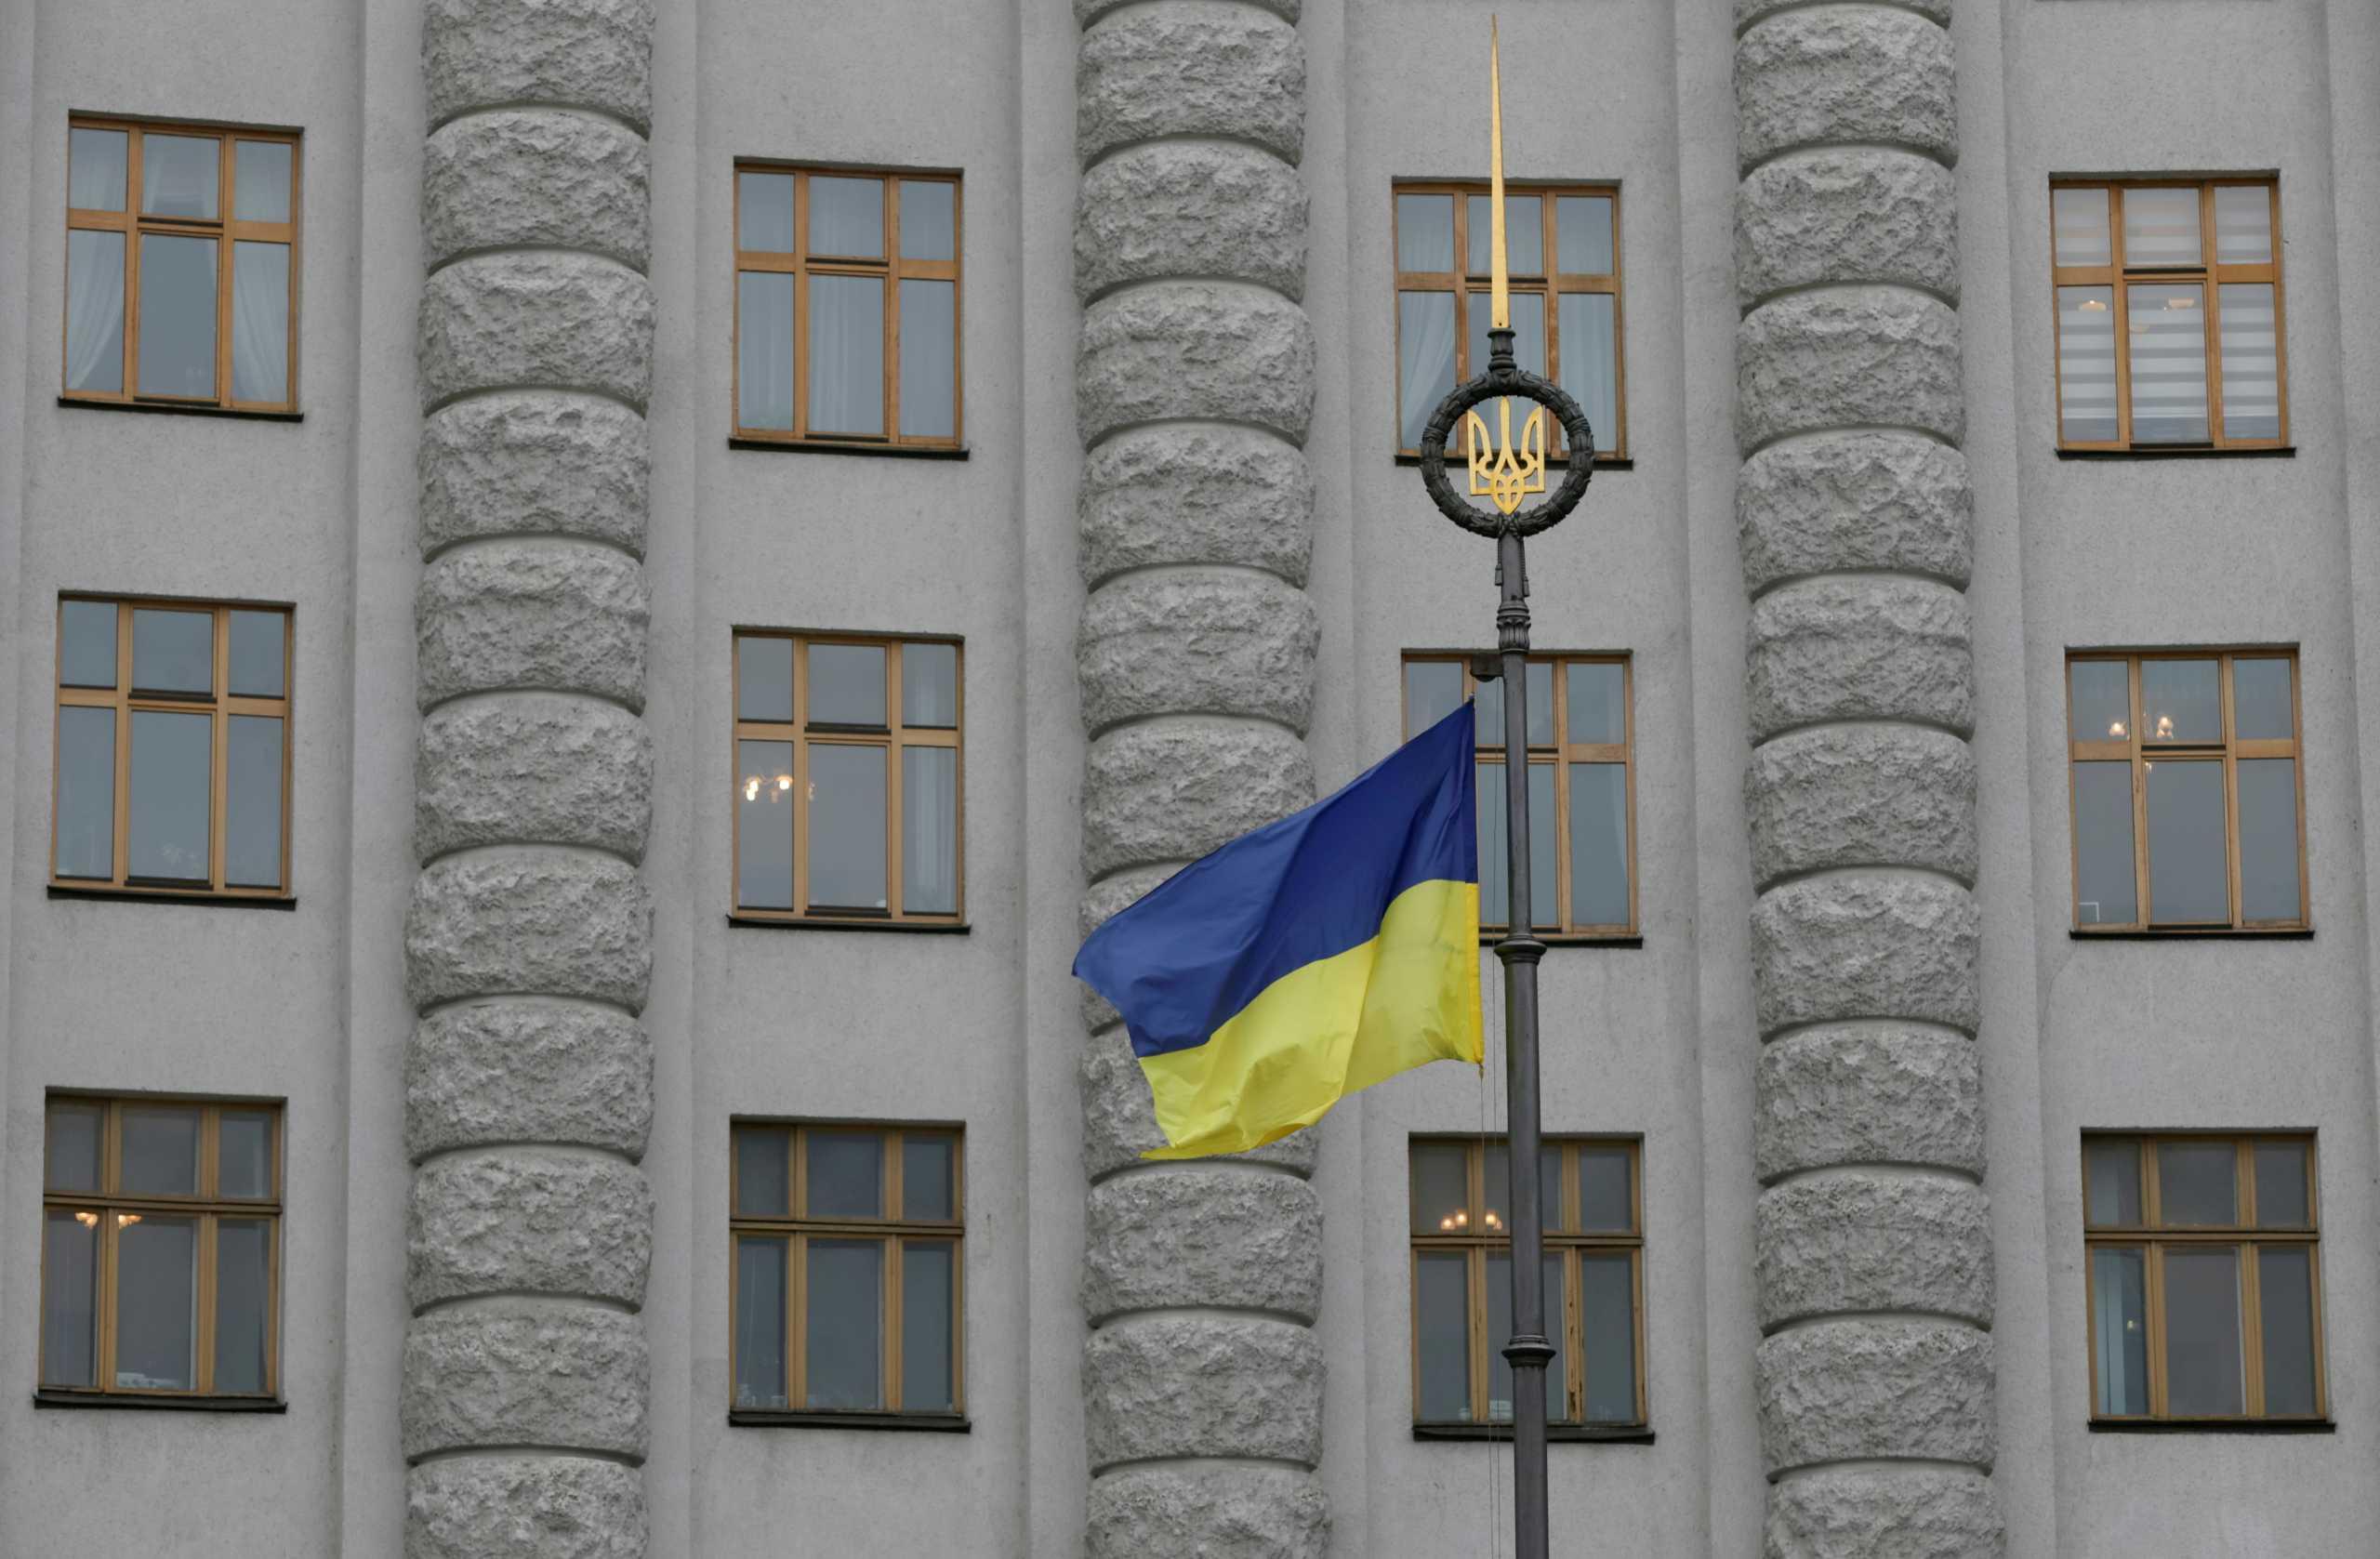 Ουκρανία: Ψηφίστηκε νέος νόμος που απαγορεύει τον αντισημιτισμό